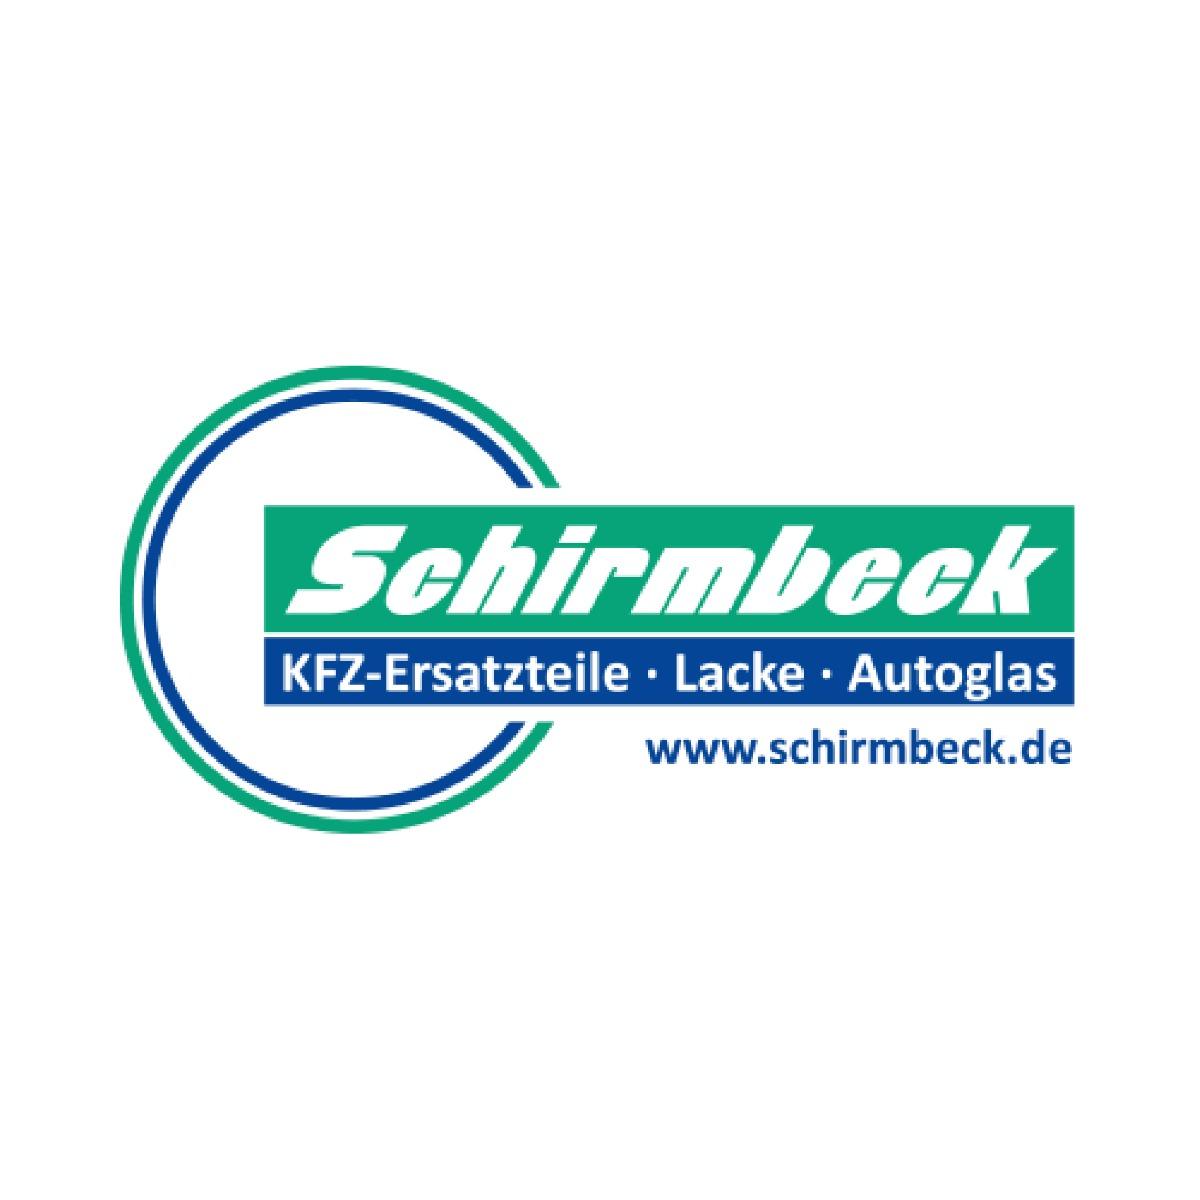 Johann Schirmbeck GmbH KFZ-Ersatzteile